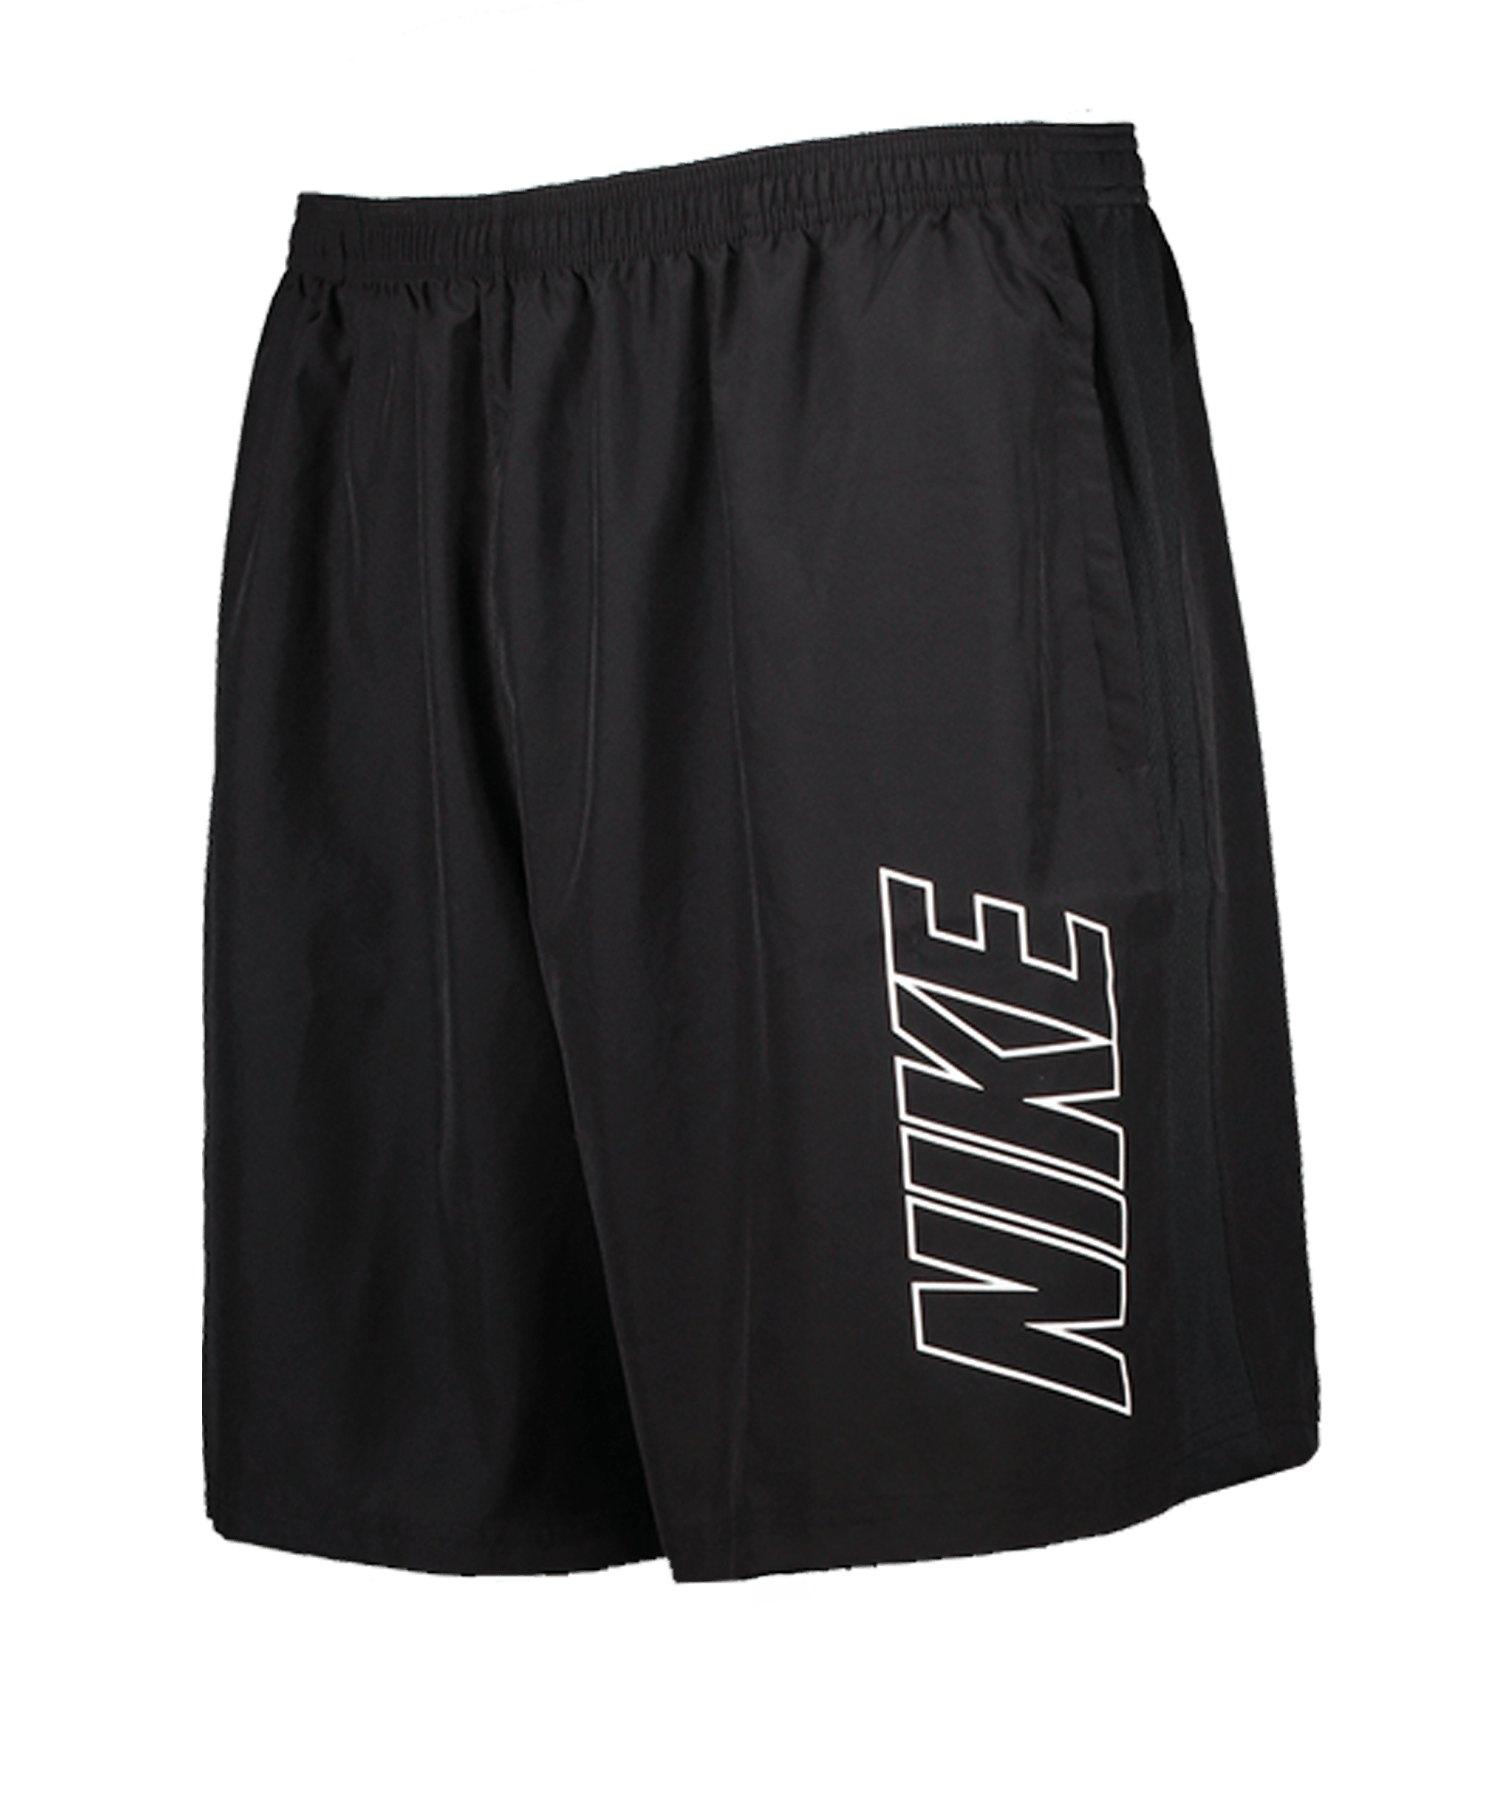 Nike Dri-FIT Academy Short Hose kurz Schwarz F010 - Schwarz